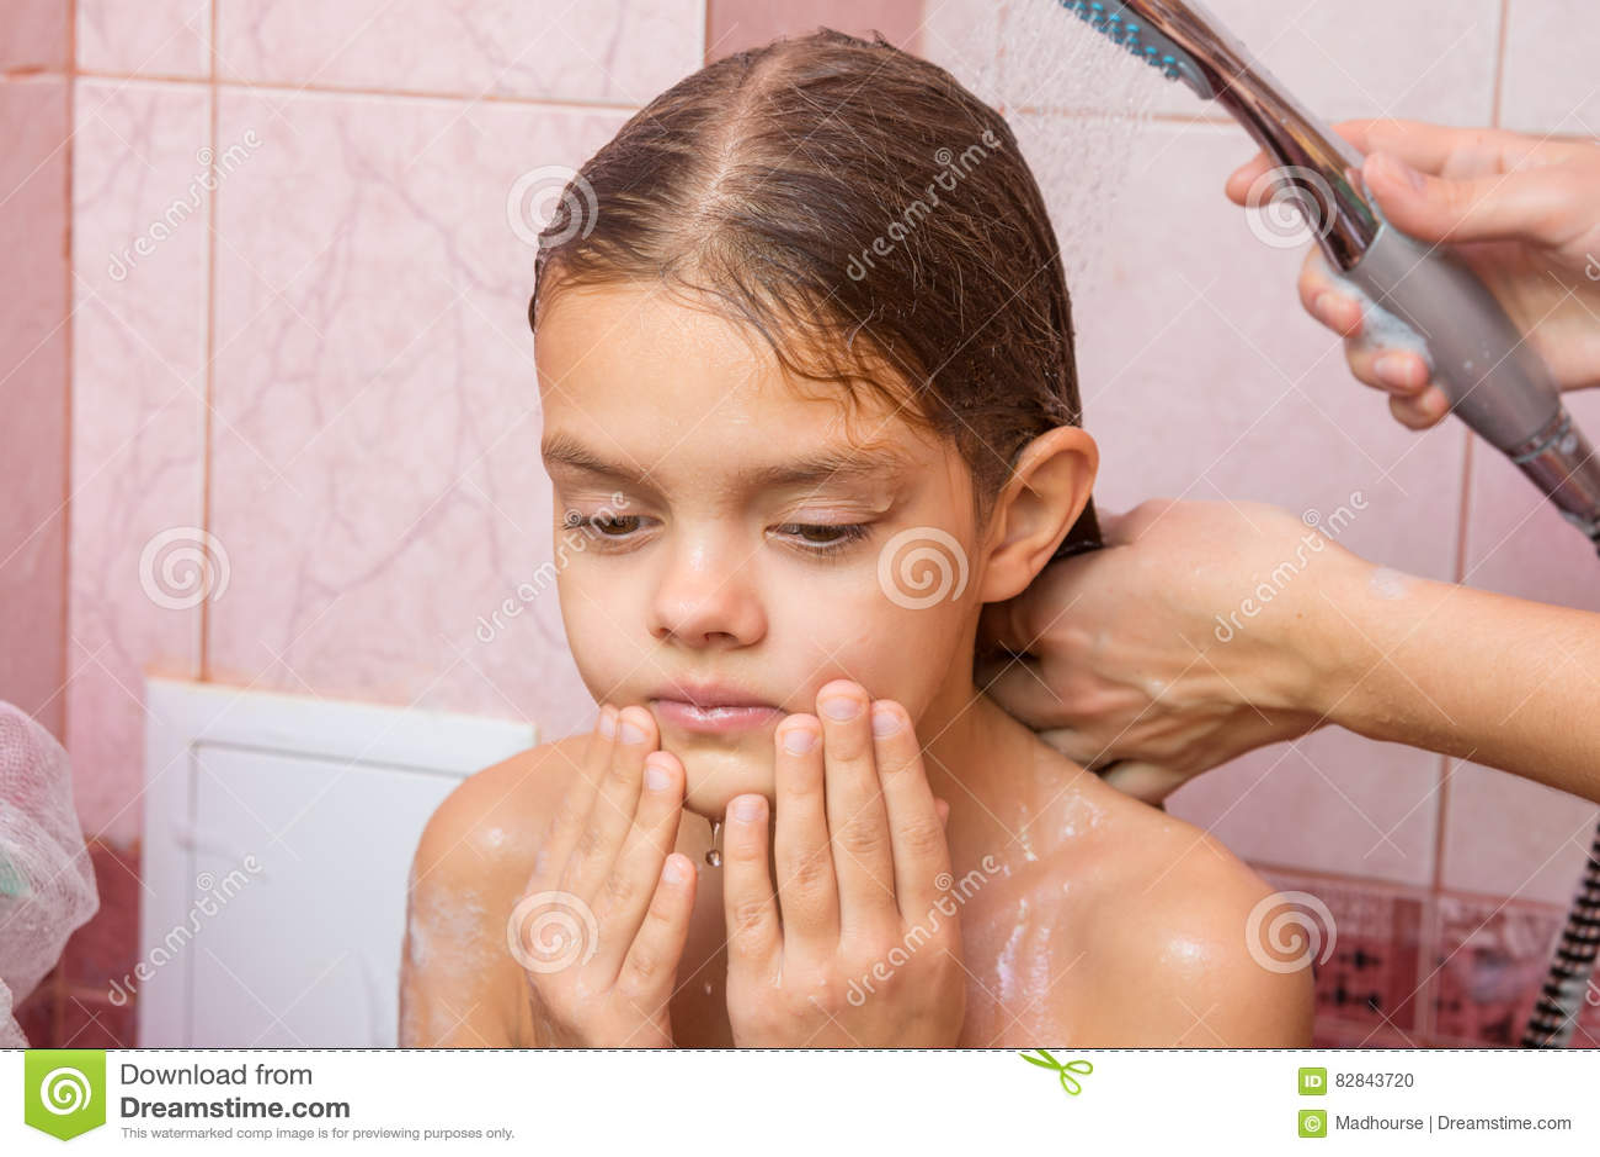 Сын не смог удержаться когда мать мылась в душе